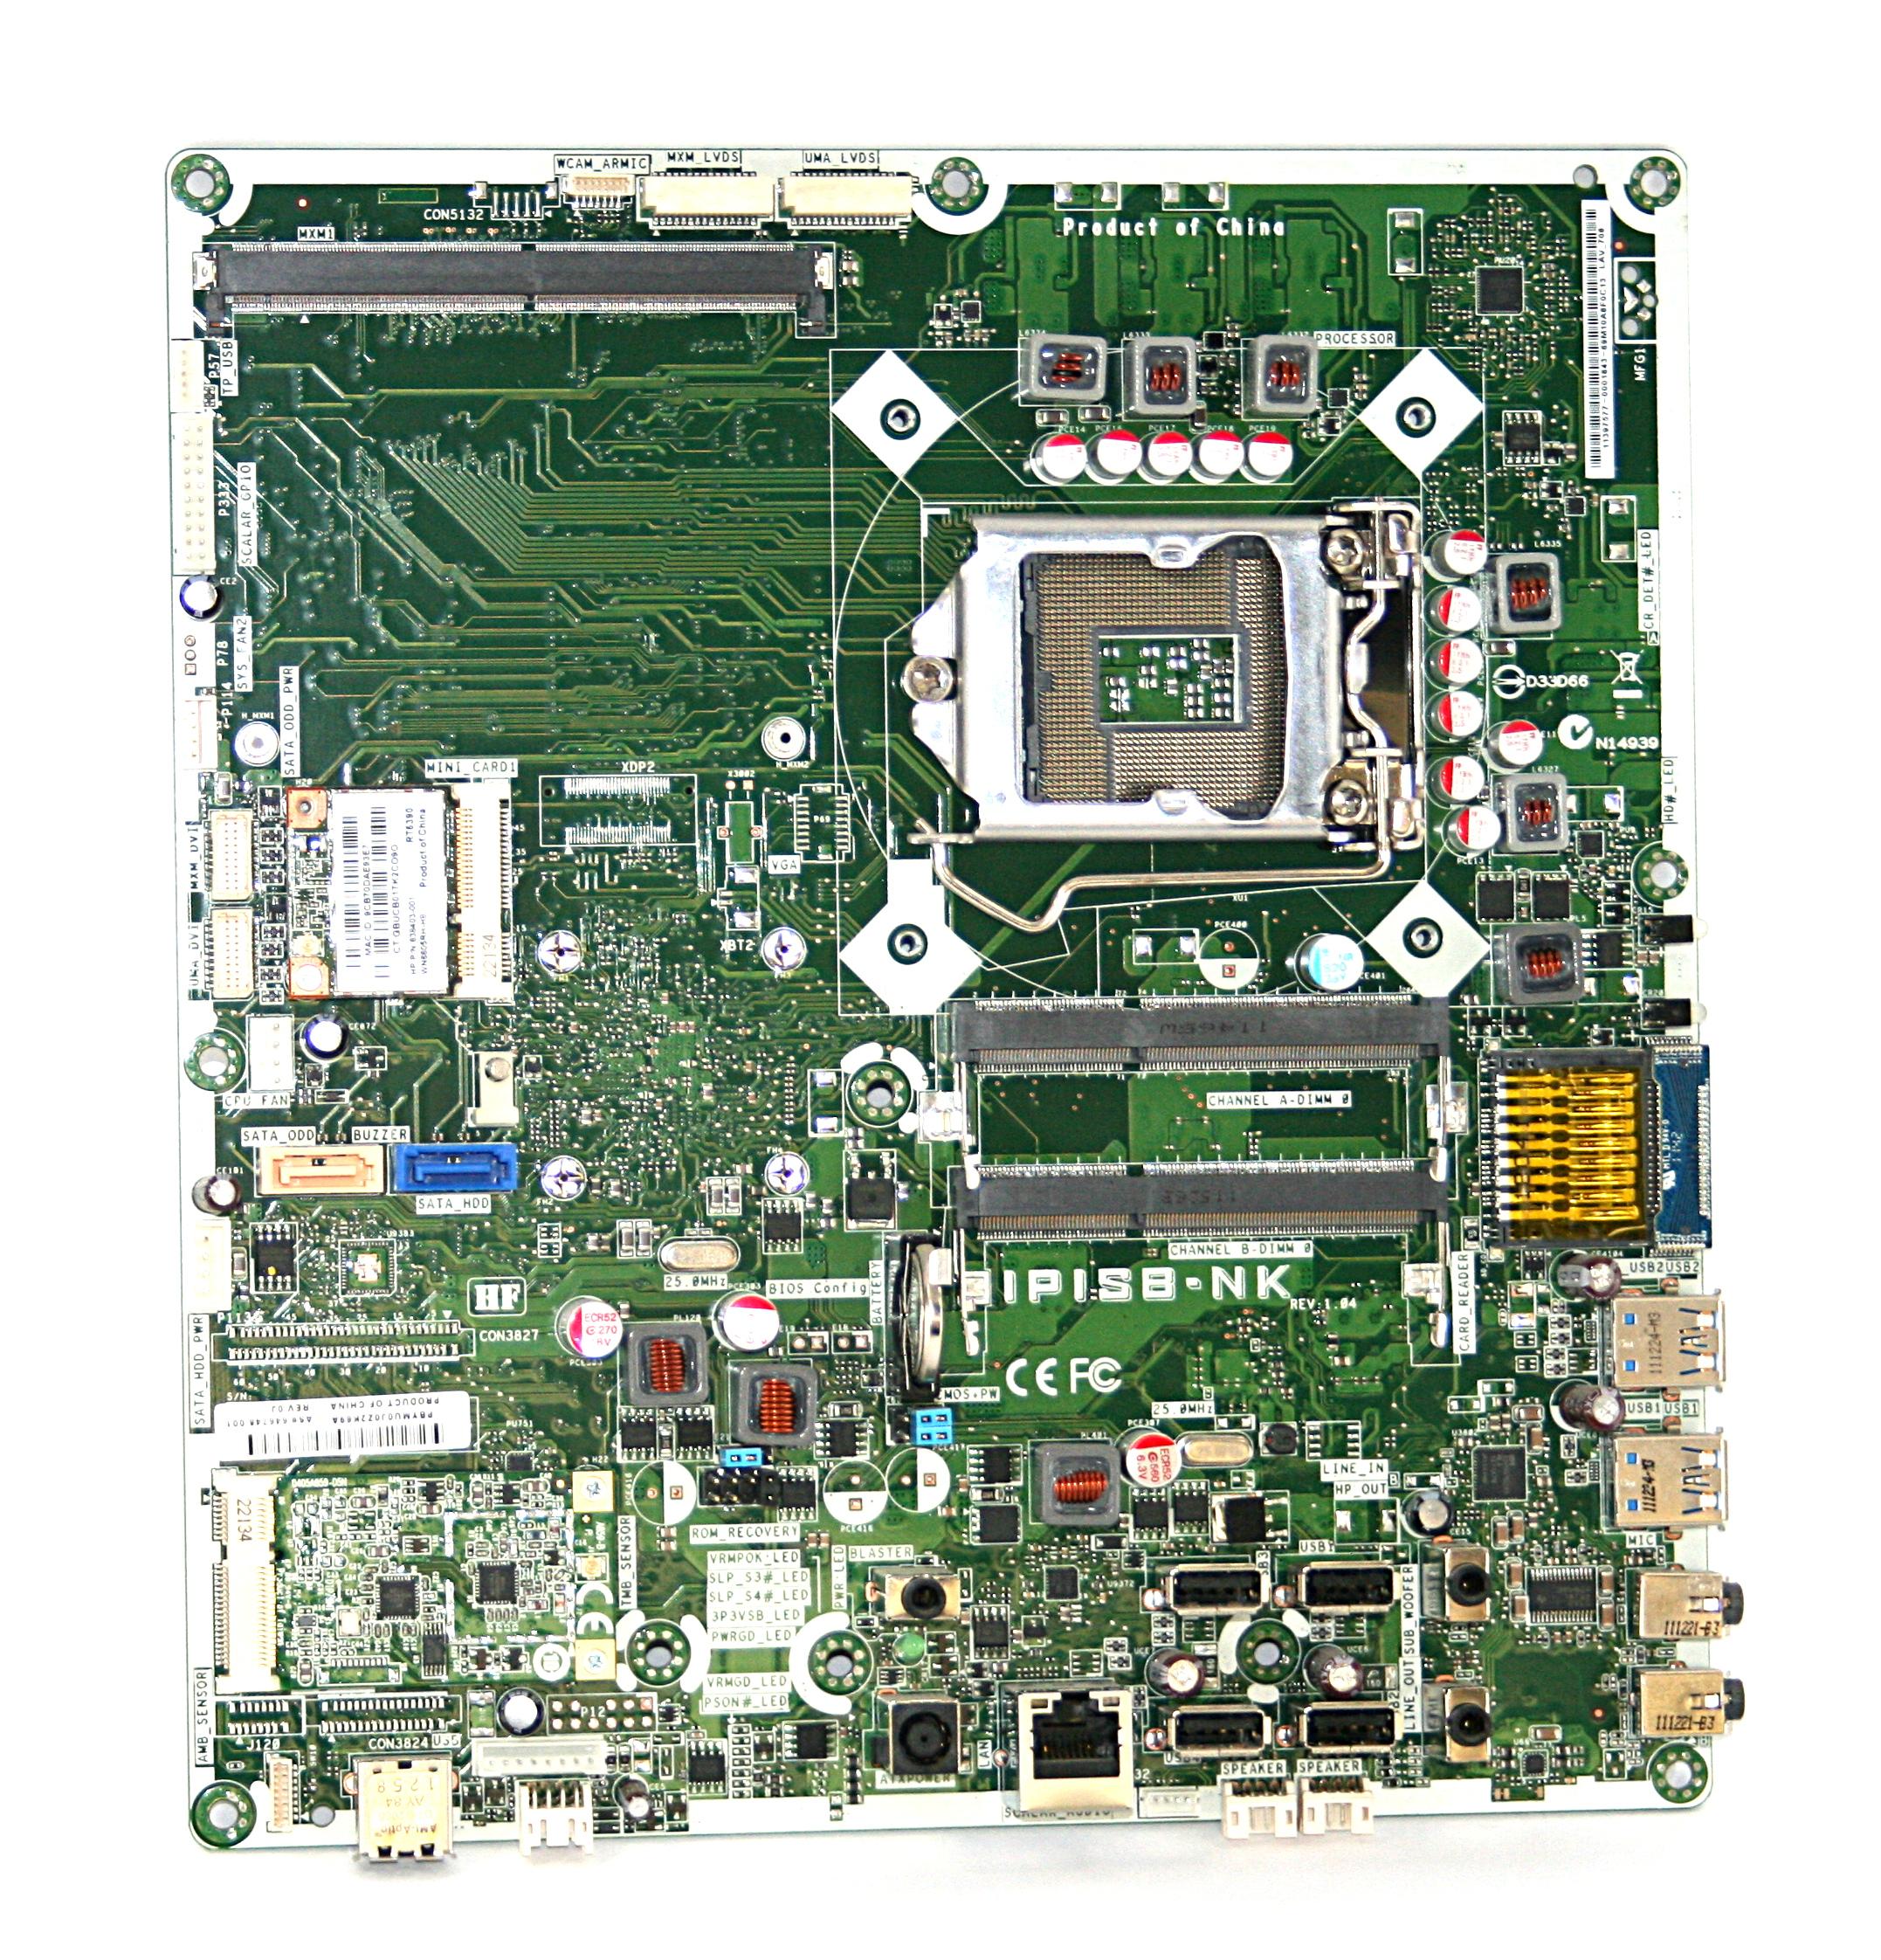 HP 646748-001 TouchSmart 520 AIO Intel IPISB-NK Motherboard